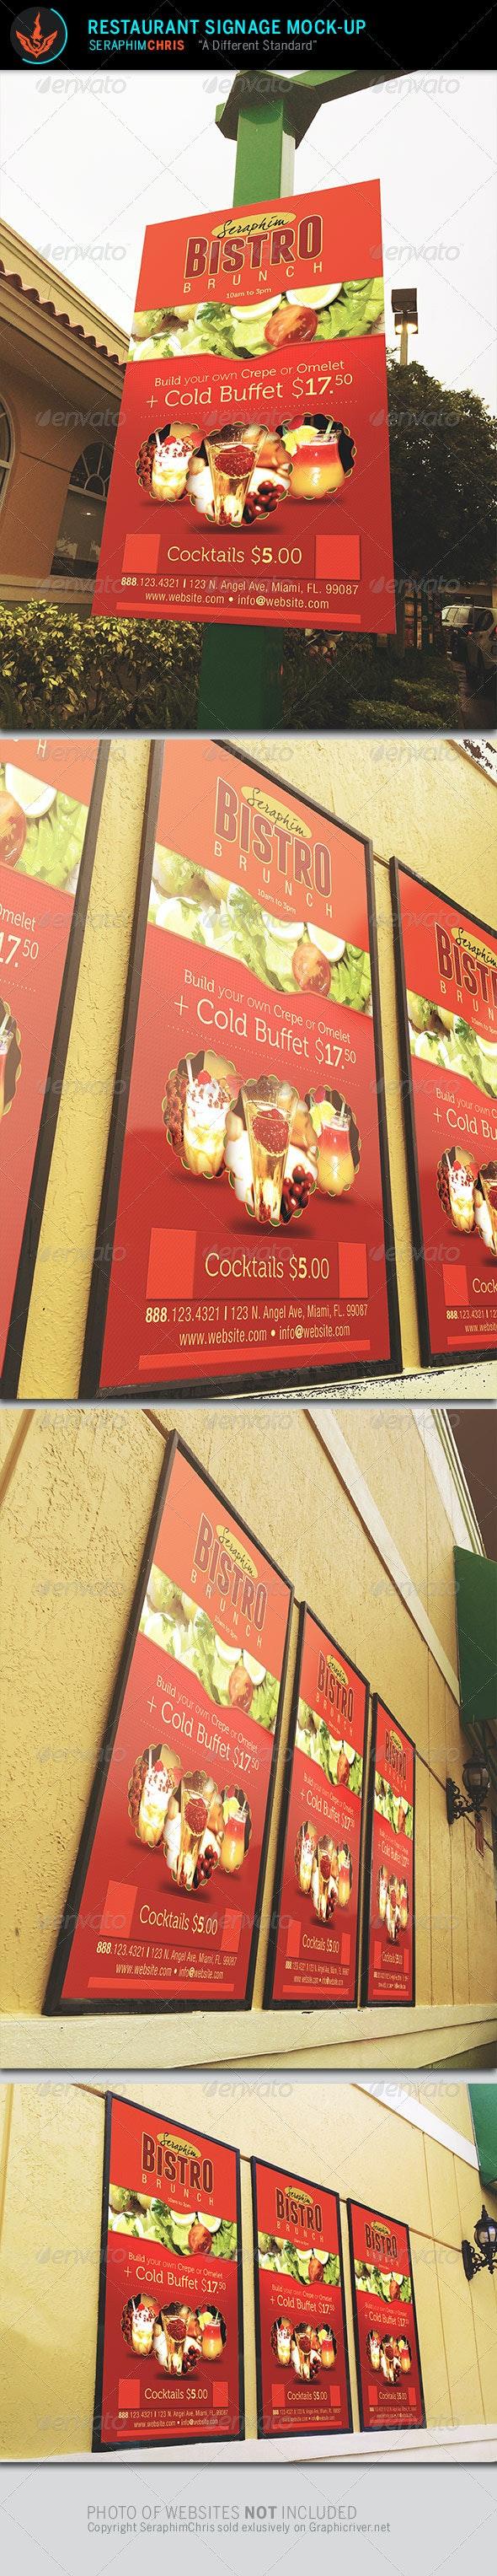 Restaurant Signage Mock Up Template - Signage Print